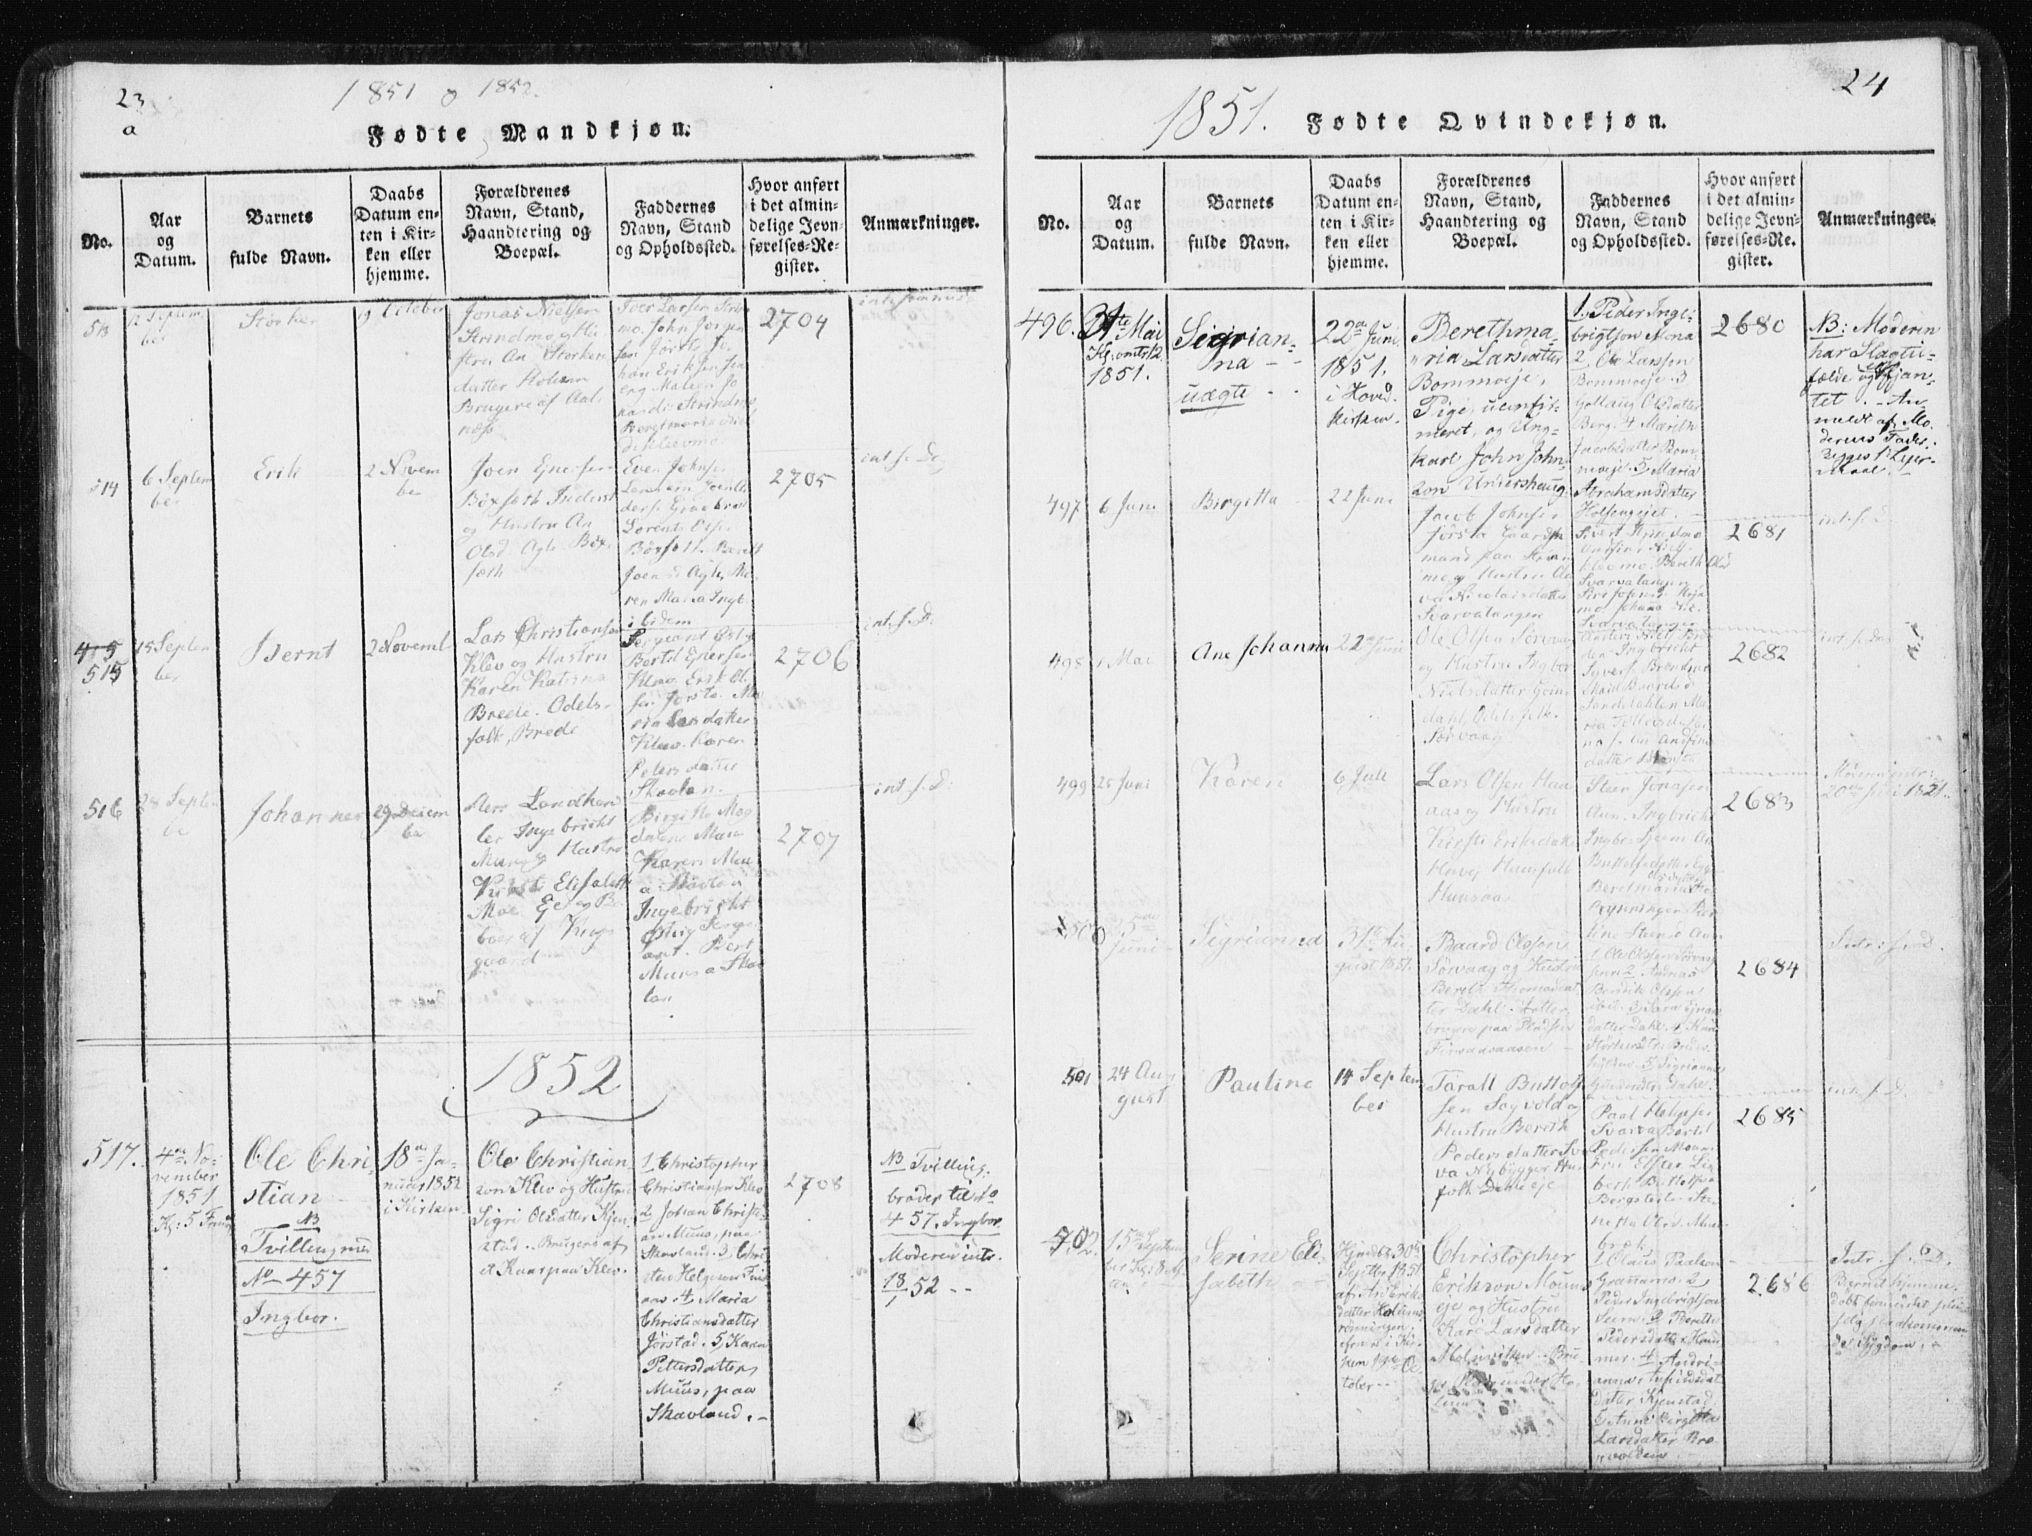 SAT, Ministerialprotokoller, klokkerbøker og fødselsregistre - Nord-Trøndelag, 749/L0471: Ministerialbok nr. 749A05, 1847-1856, s. 23-24